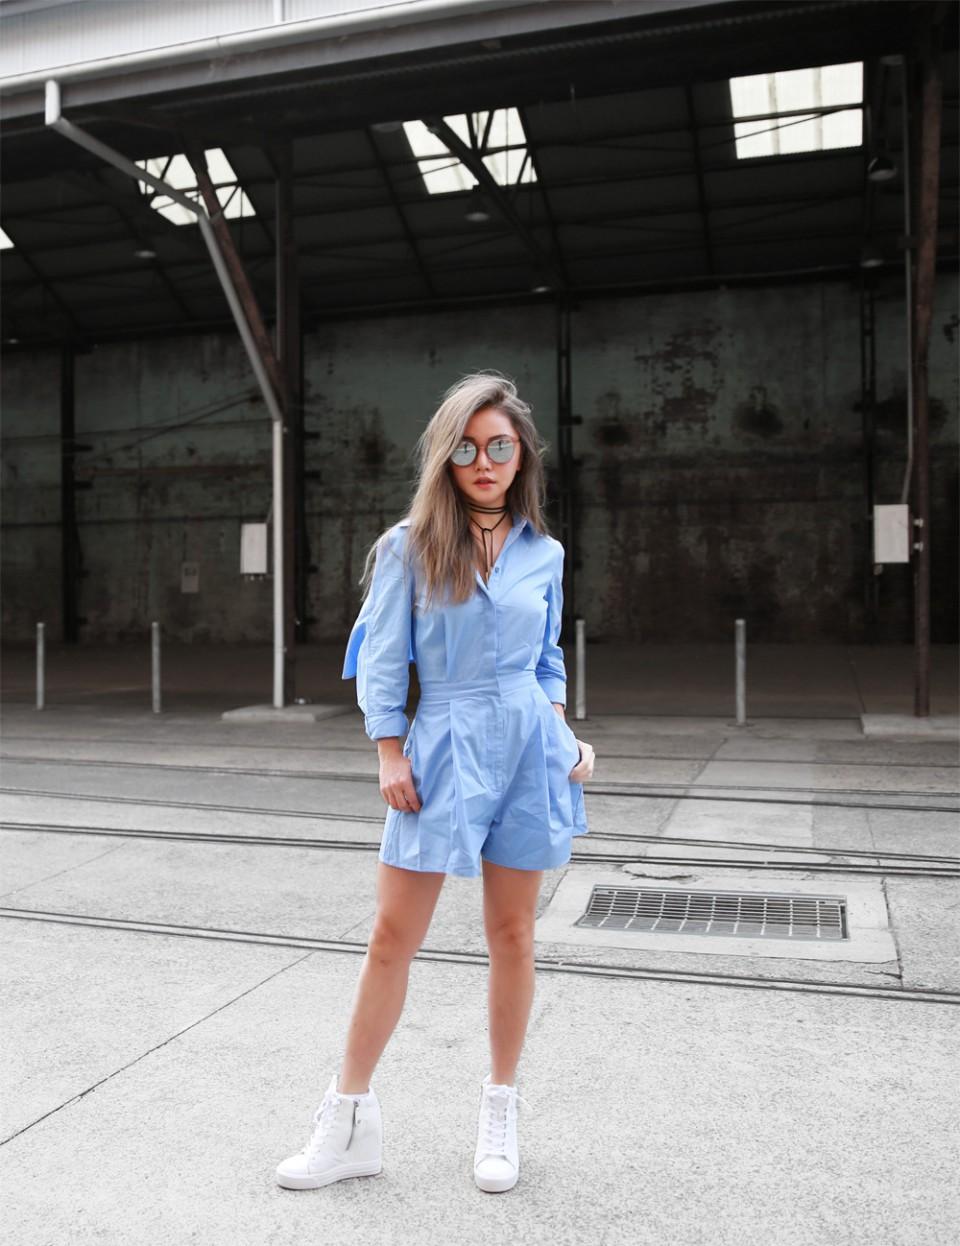 mbfwa_2016_outfit2_3